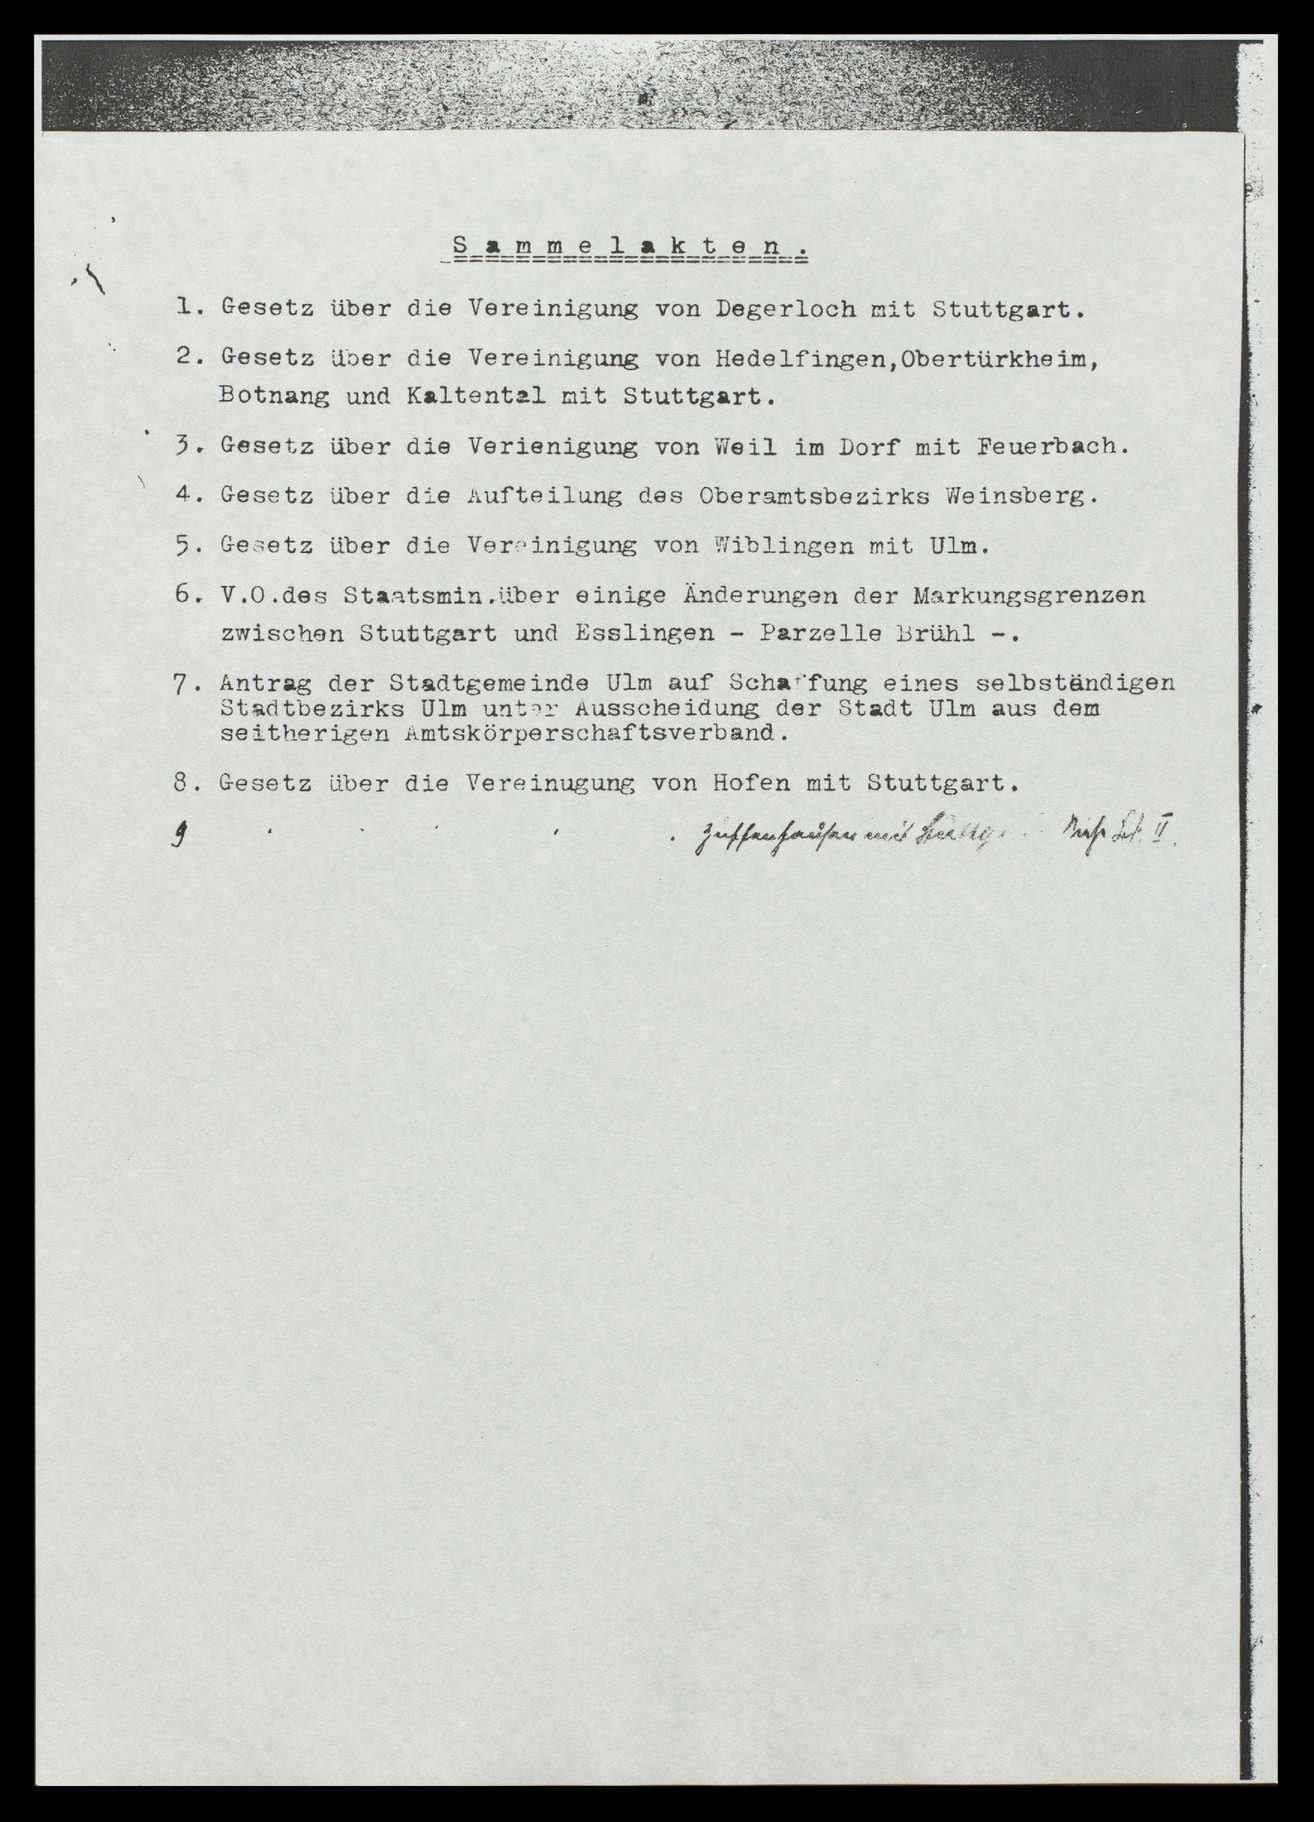 Allgemeines, Eingaben und Entschließungen zu einzelnen Gebietsänderungen von Gemeinden und Oberamtsbezirken, Bild 2